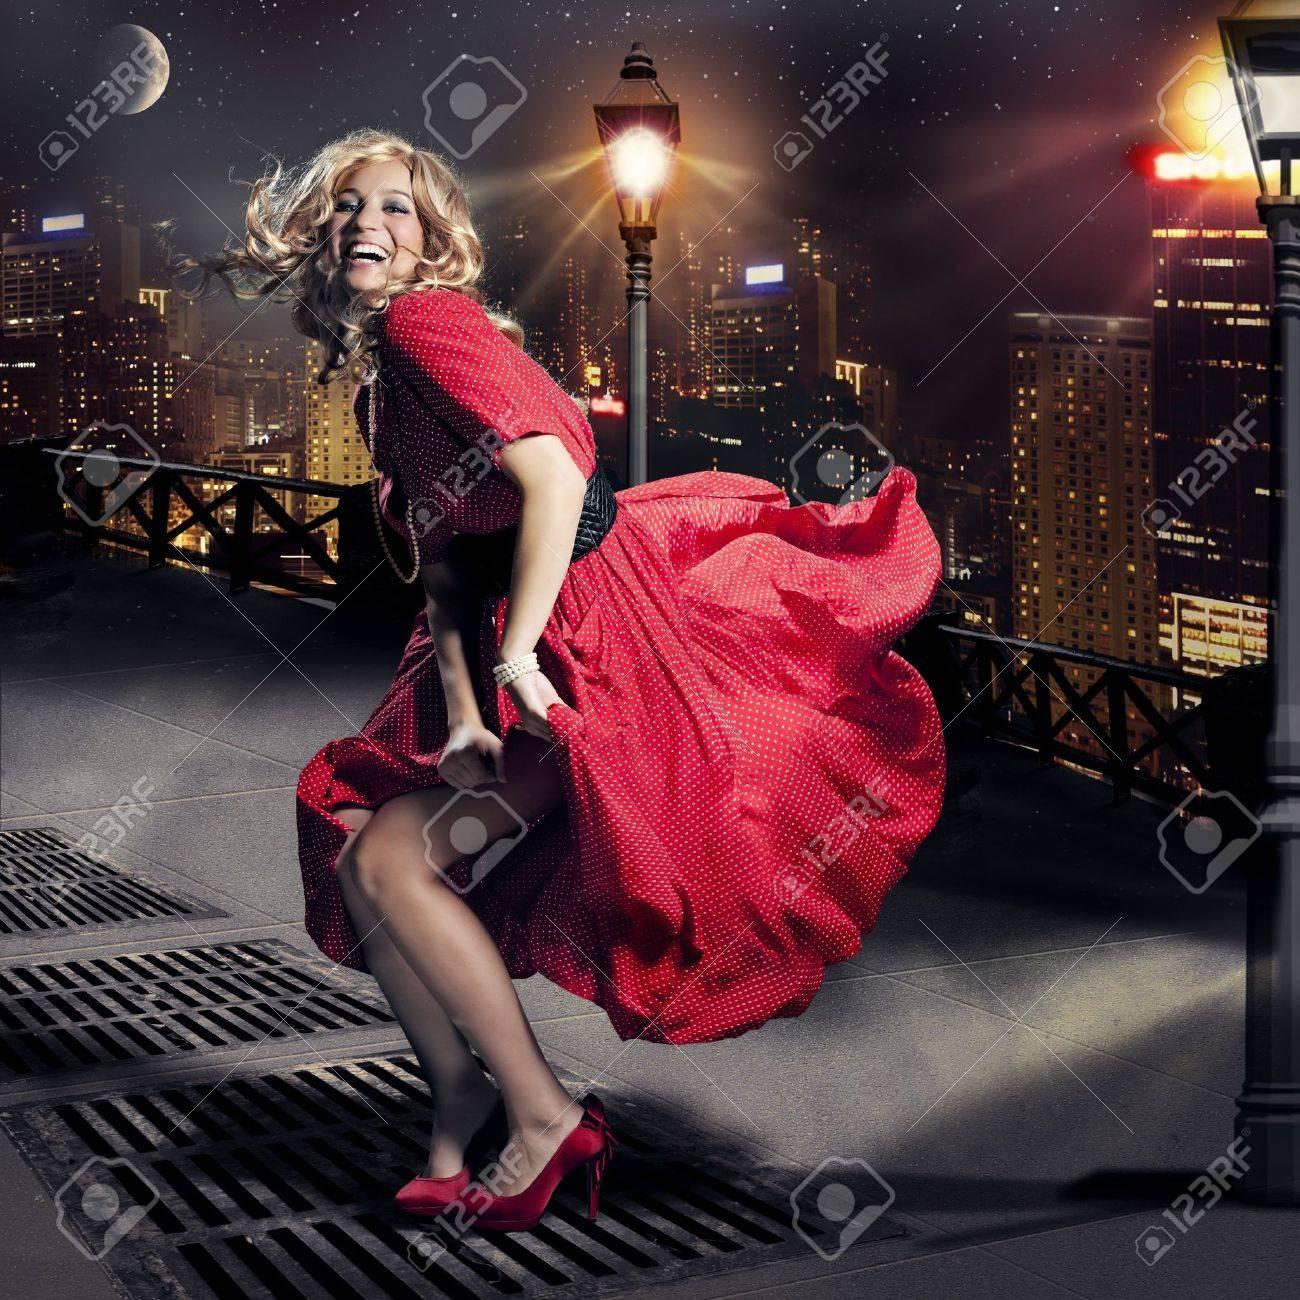 У девушек ветром платье поднимается 18 фотография